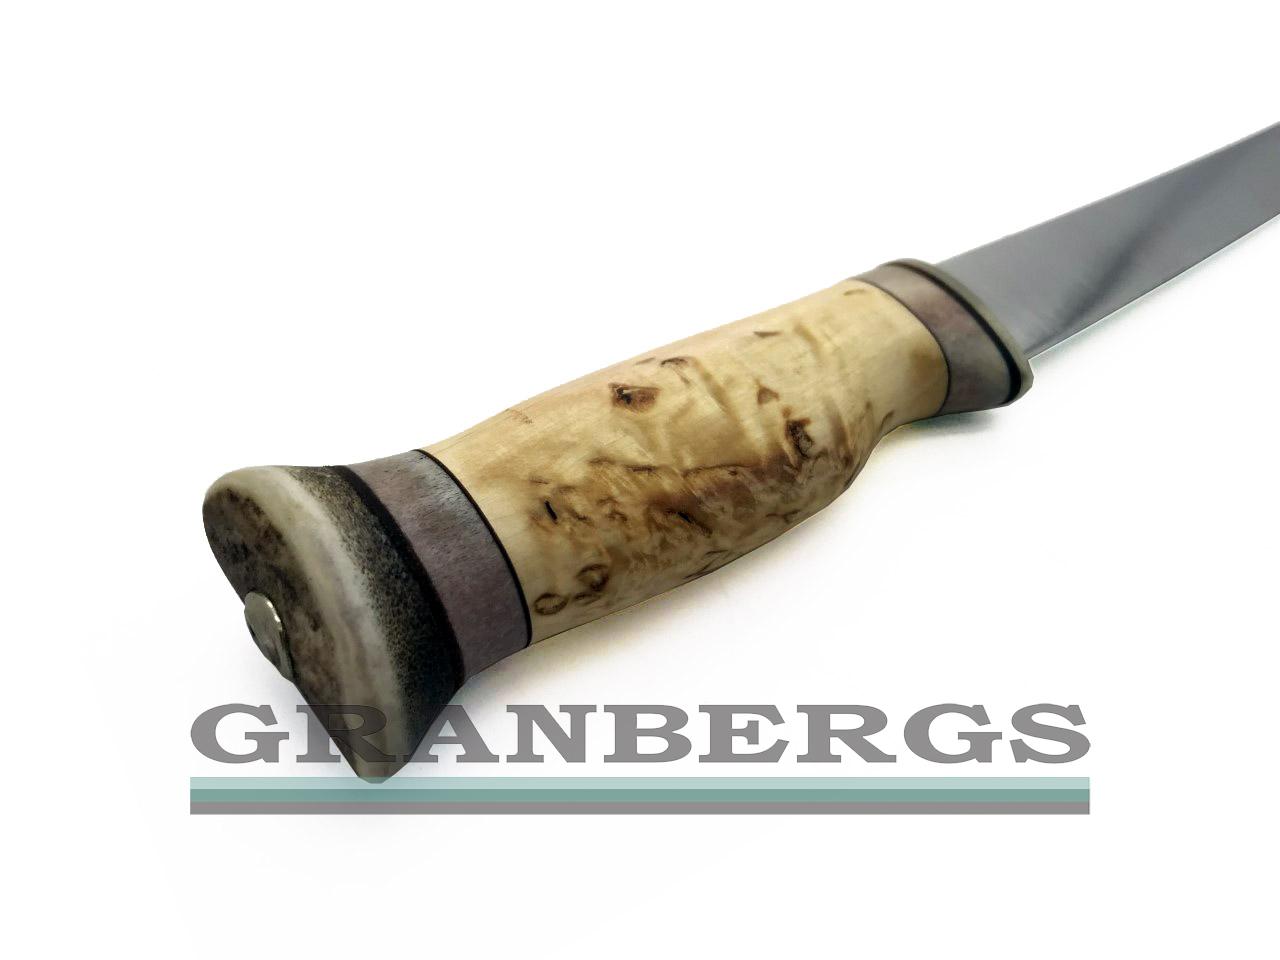 _Filleting-Knife-22cm-23FPI_02.jpg